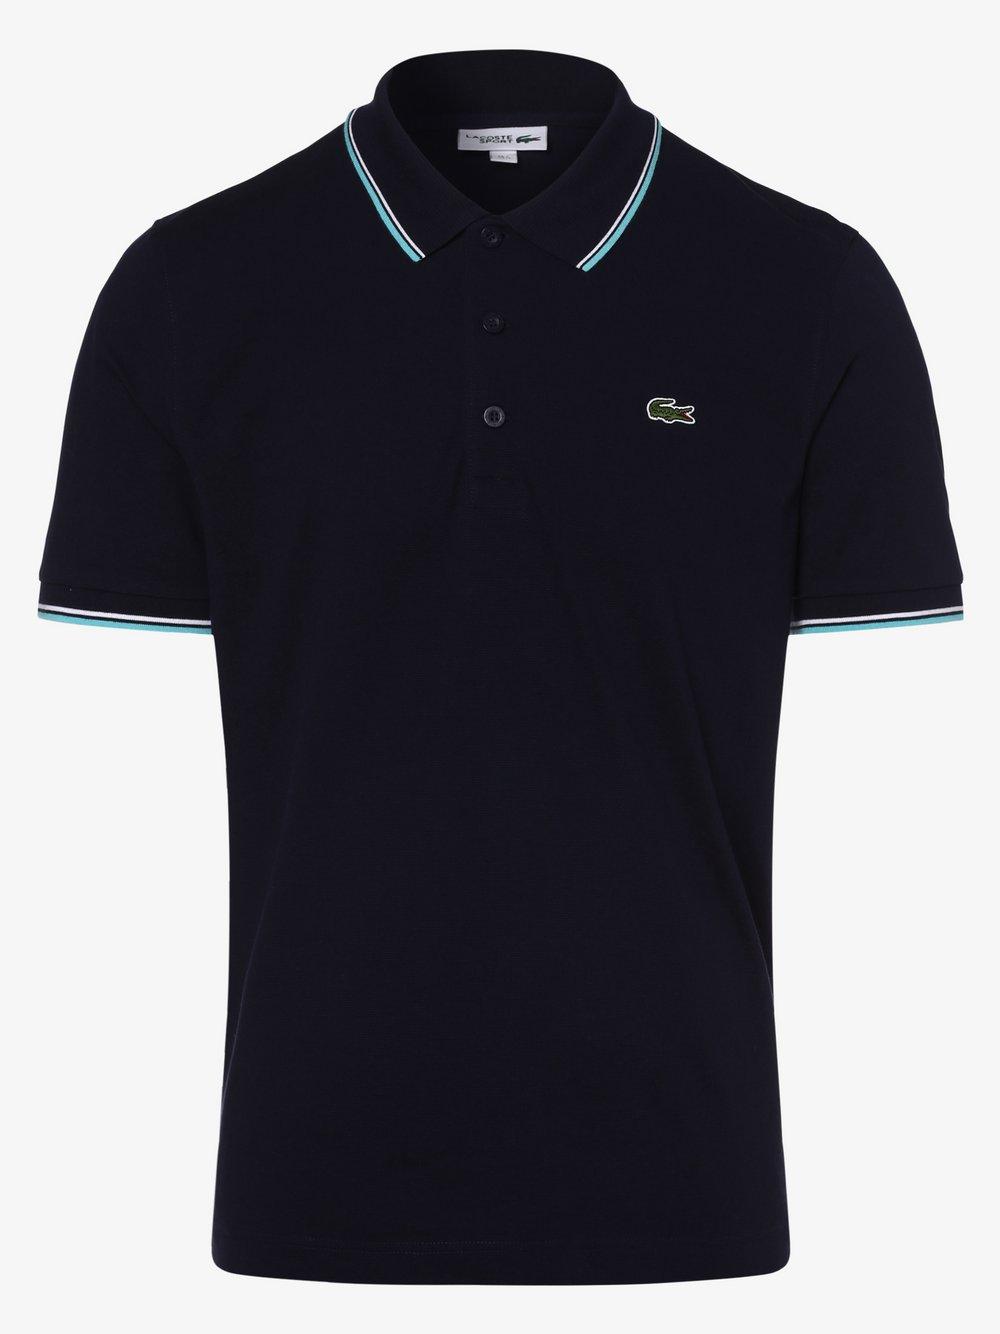 Lacoste - Męska koszulka polo, niebieski